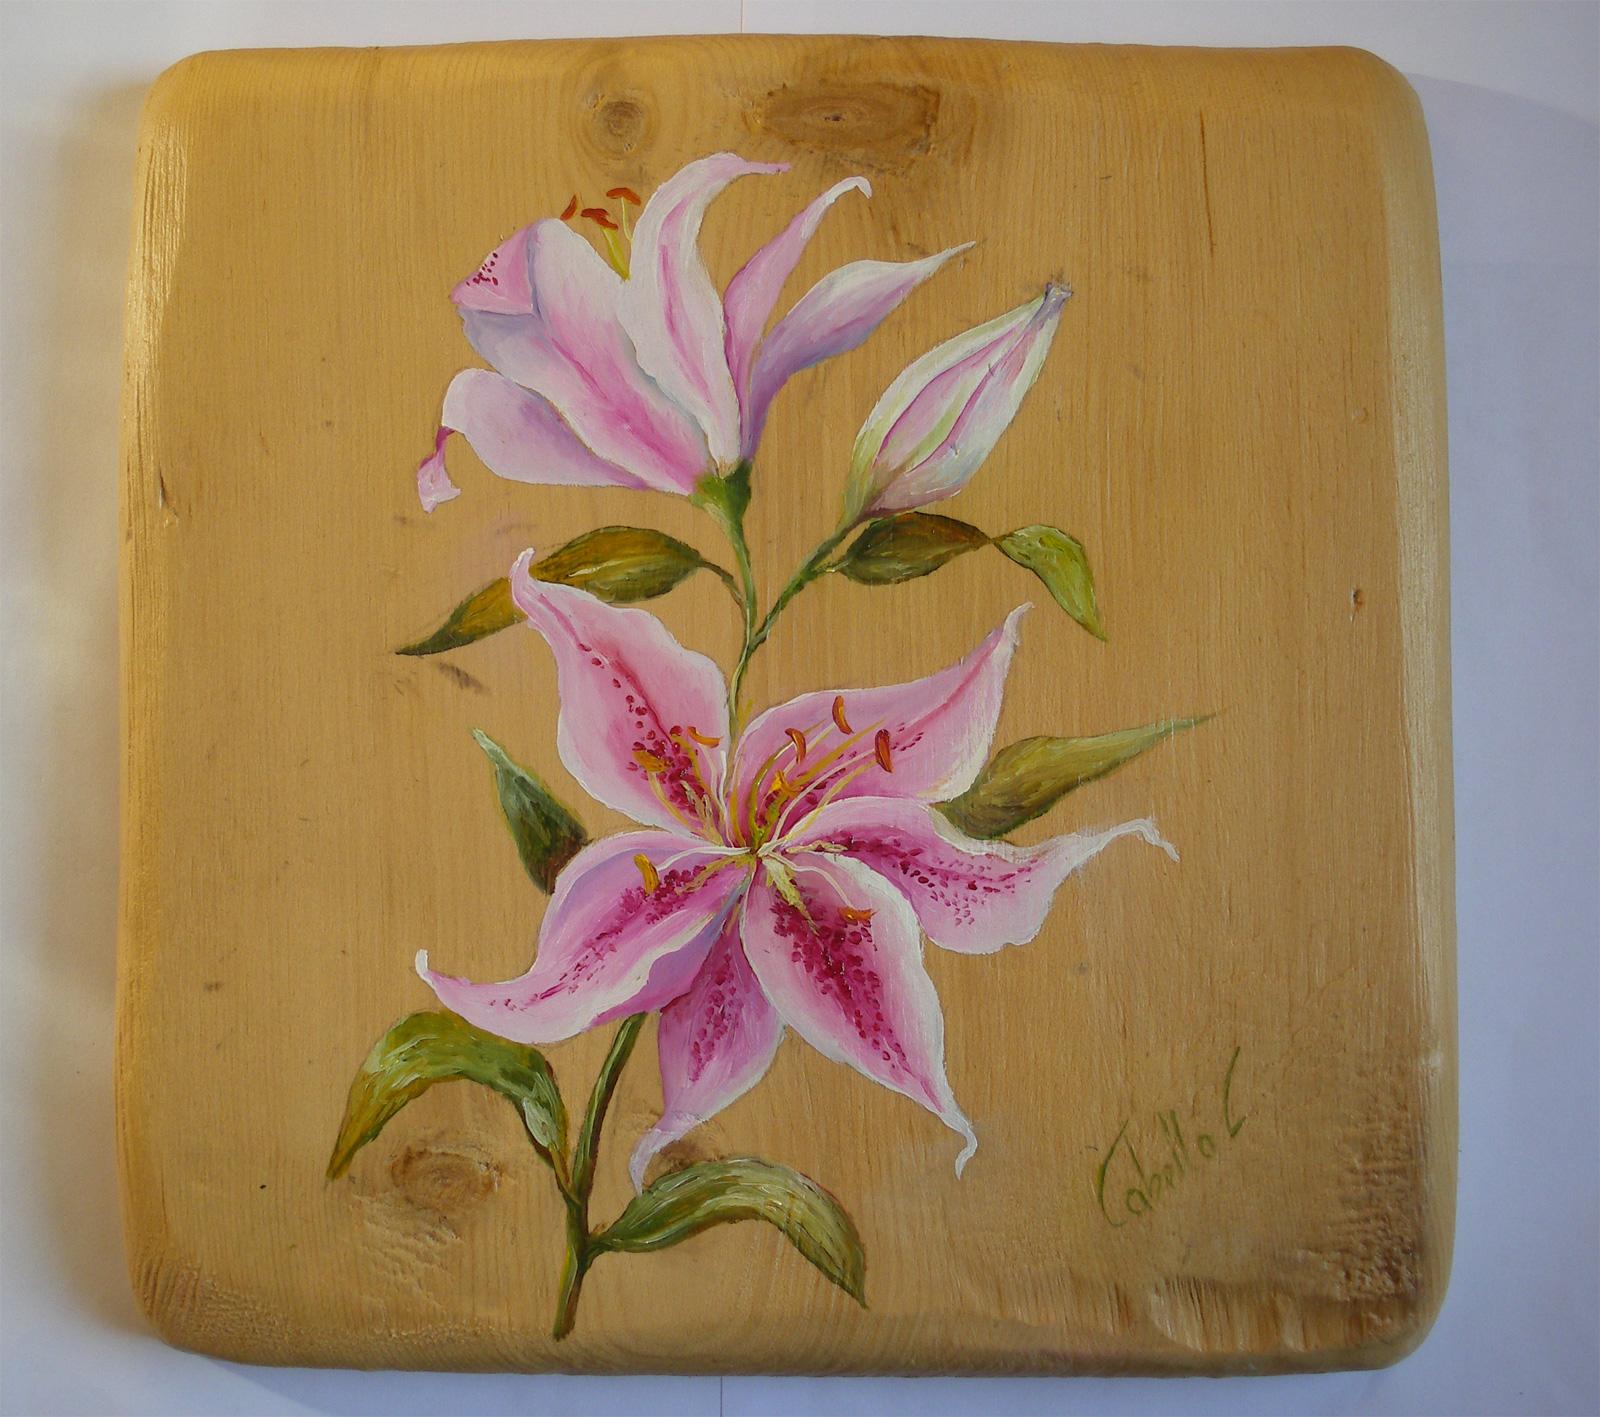 Dipingere fiori su legno yh84 regardsdefemmes - Mobili grezzi da dipingere ...